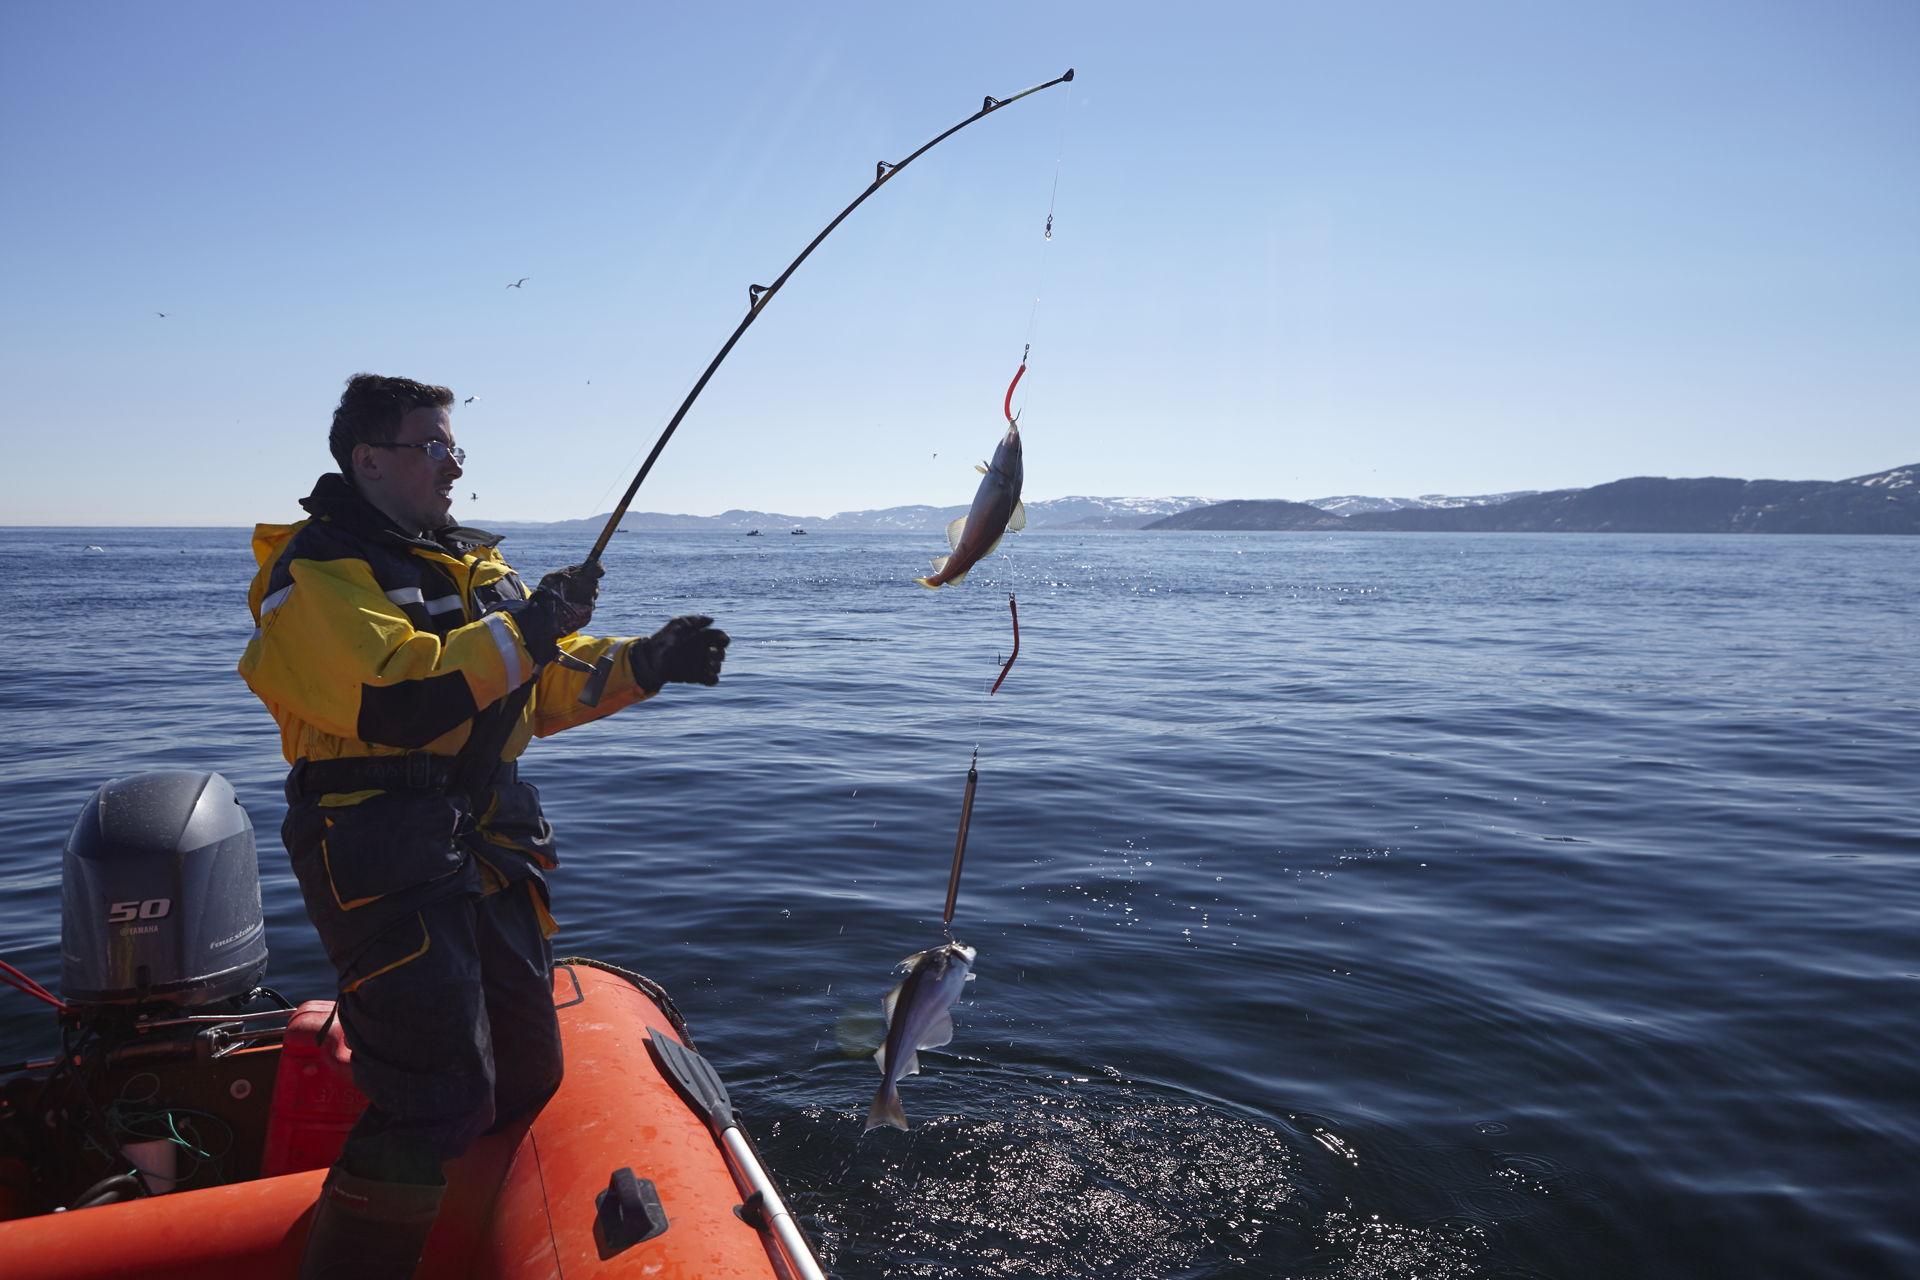 Рыбак в лодке с удочкой в руках